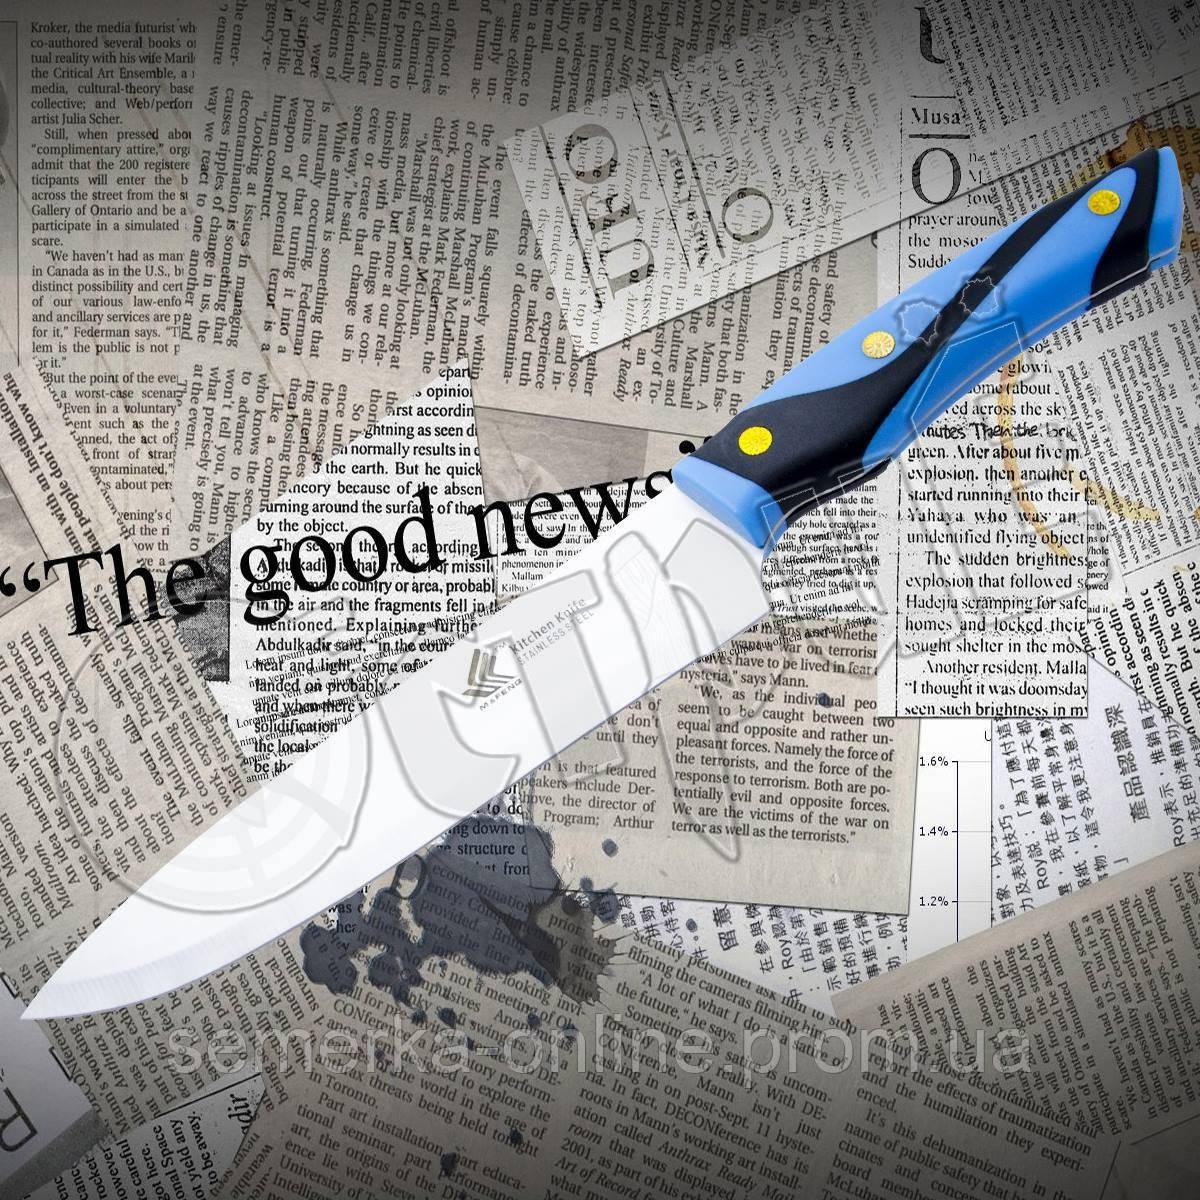 Нож поварской C - 056 - 7 с цветной пластиковой рукоятью. Остро заточенный нож для чистки и резки